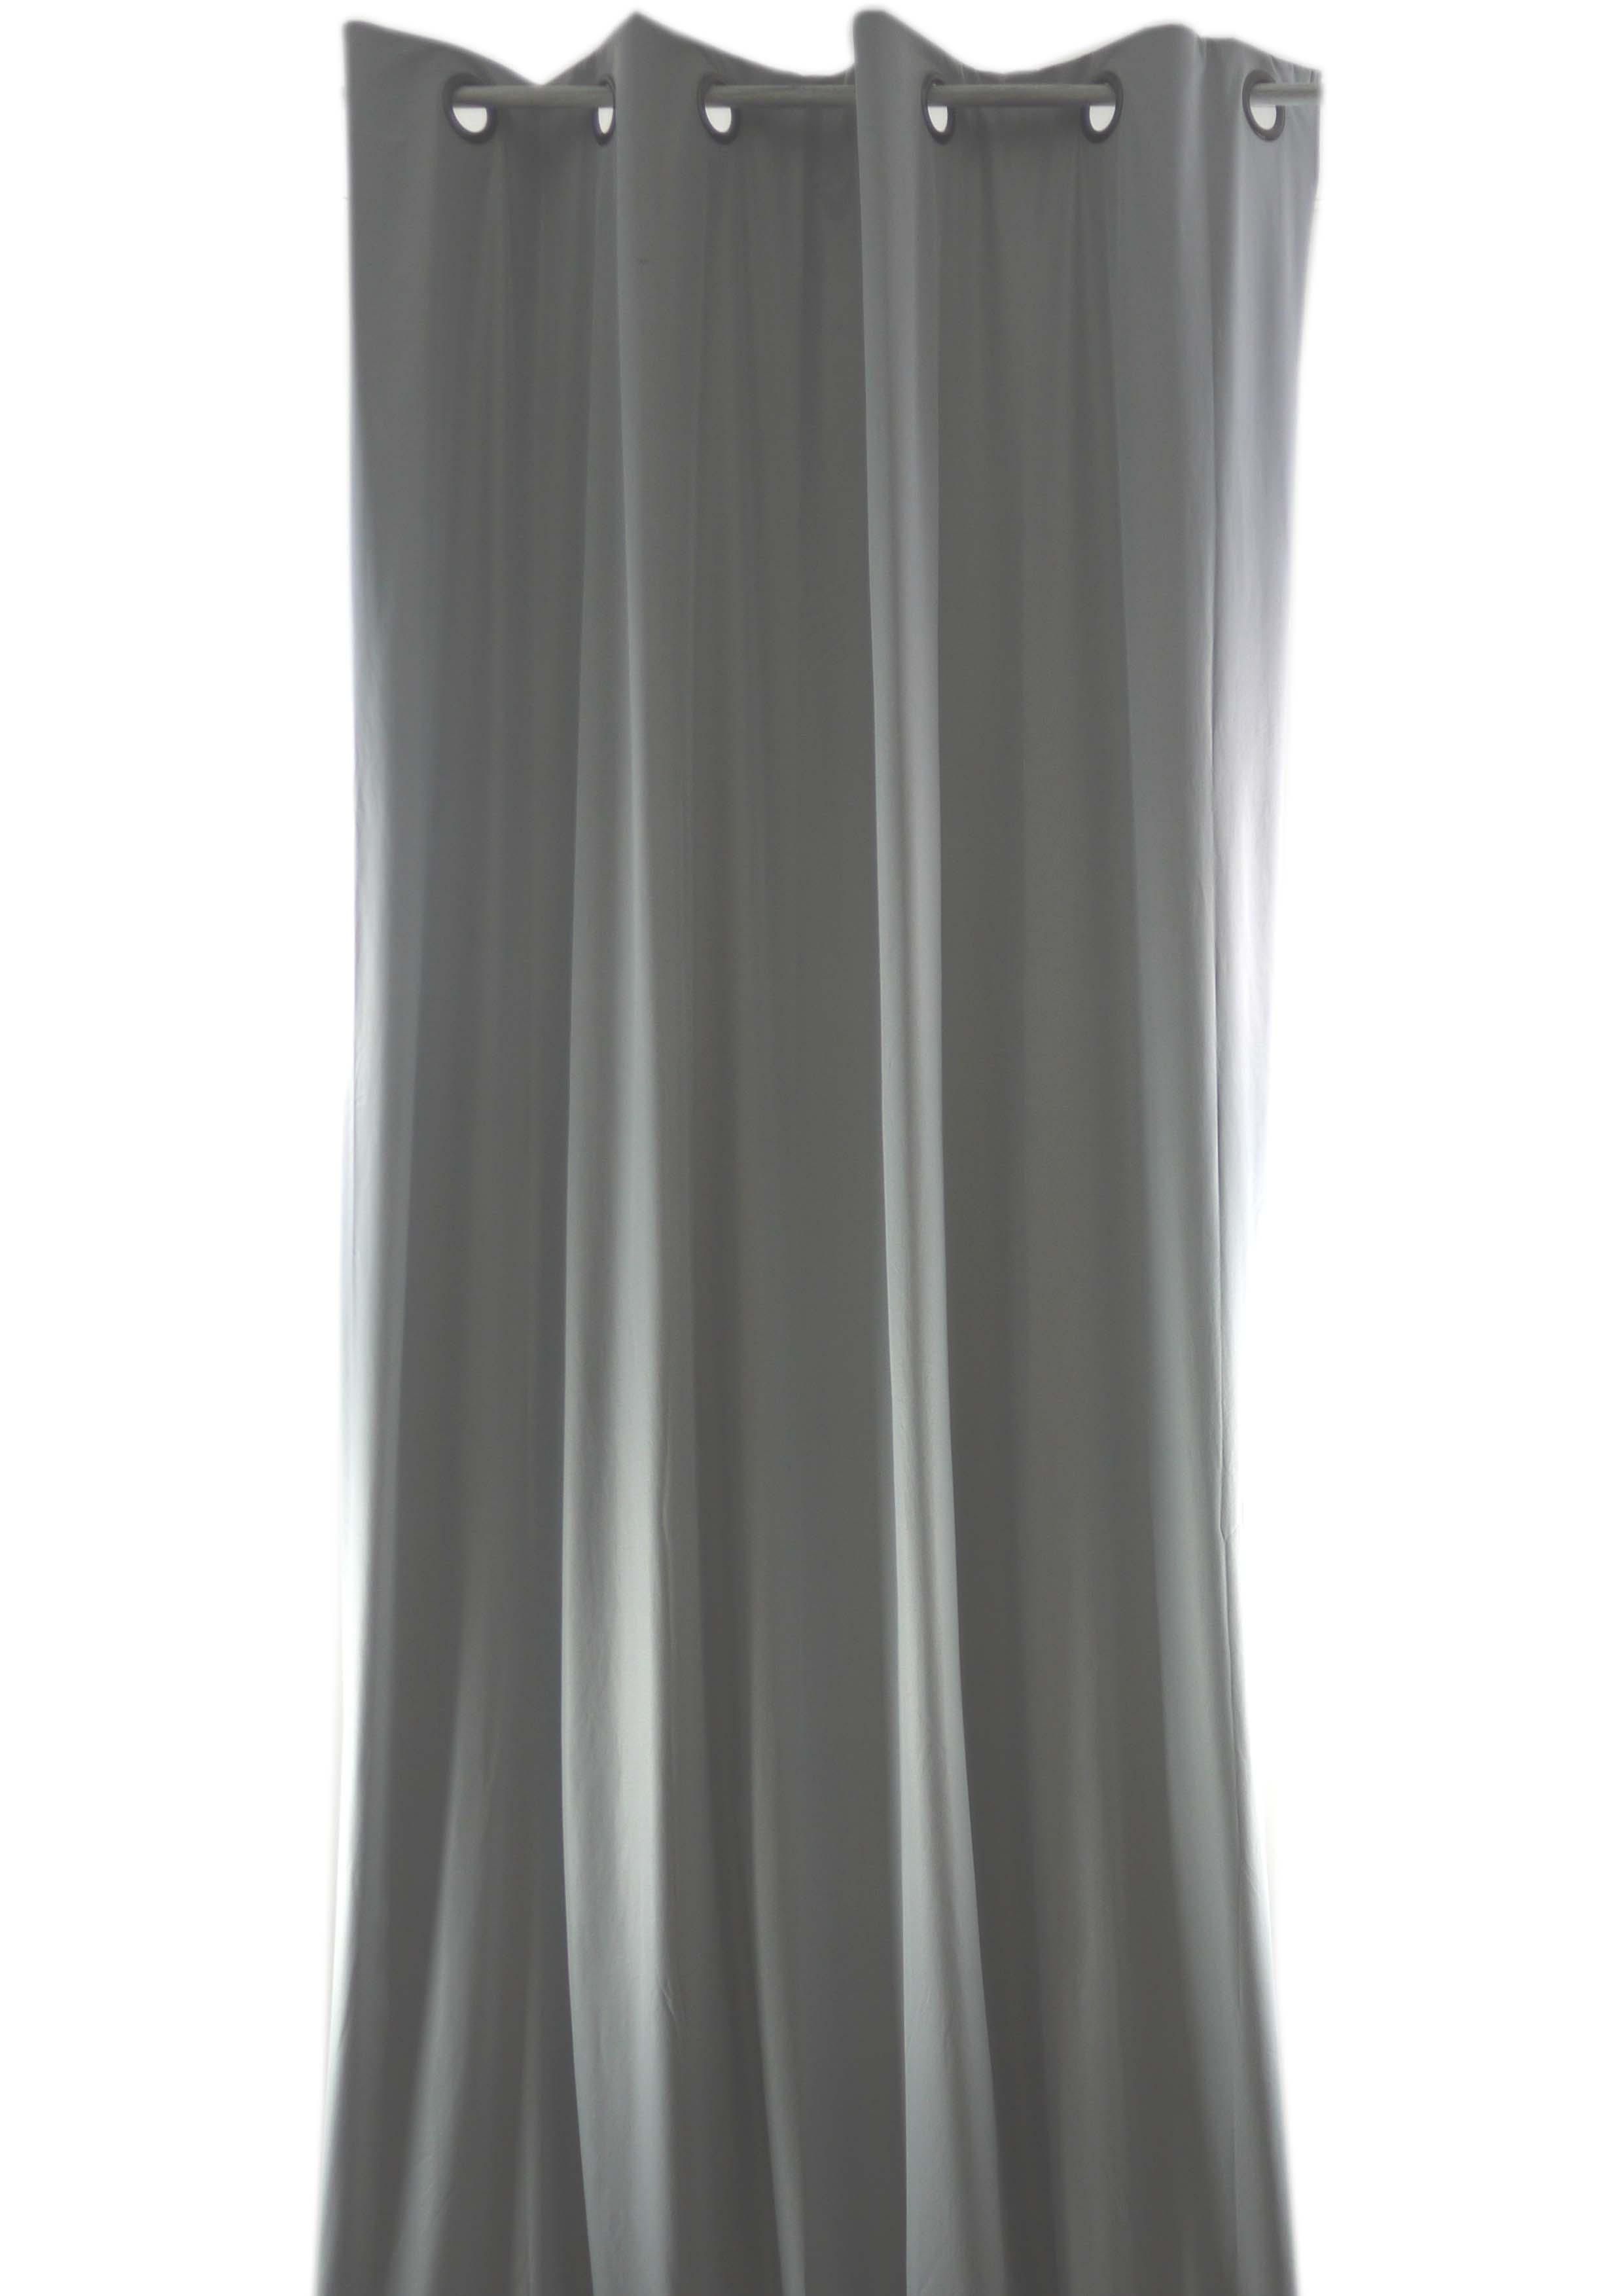 rideau isolant phonique porte d entre affordable rideau with rideau isolant phonique porte d. Black Bedroom Furniture Sets. Home Design Ideas